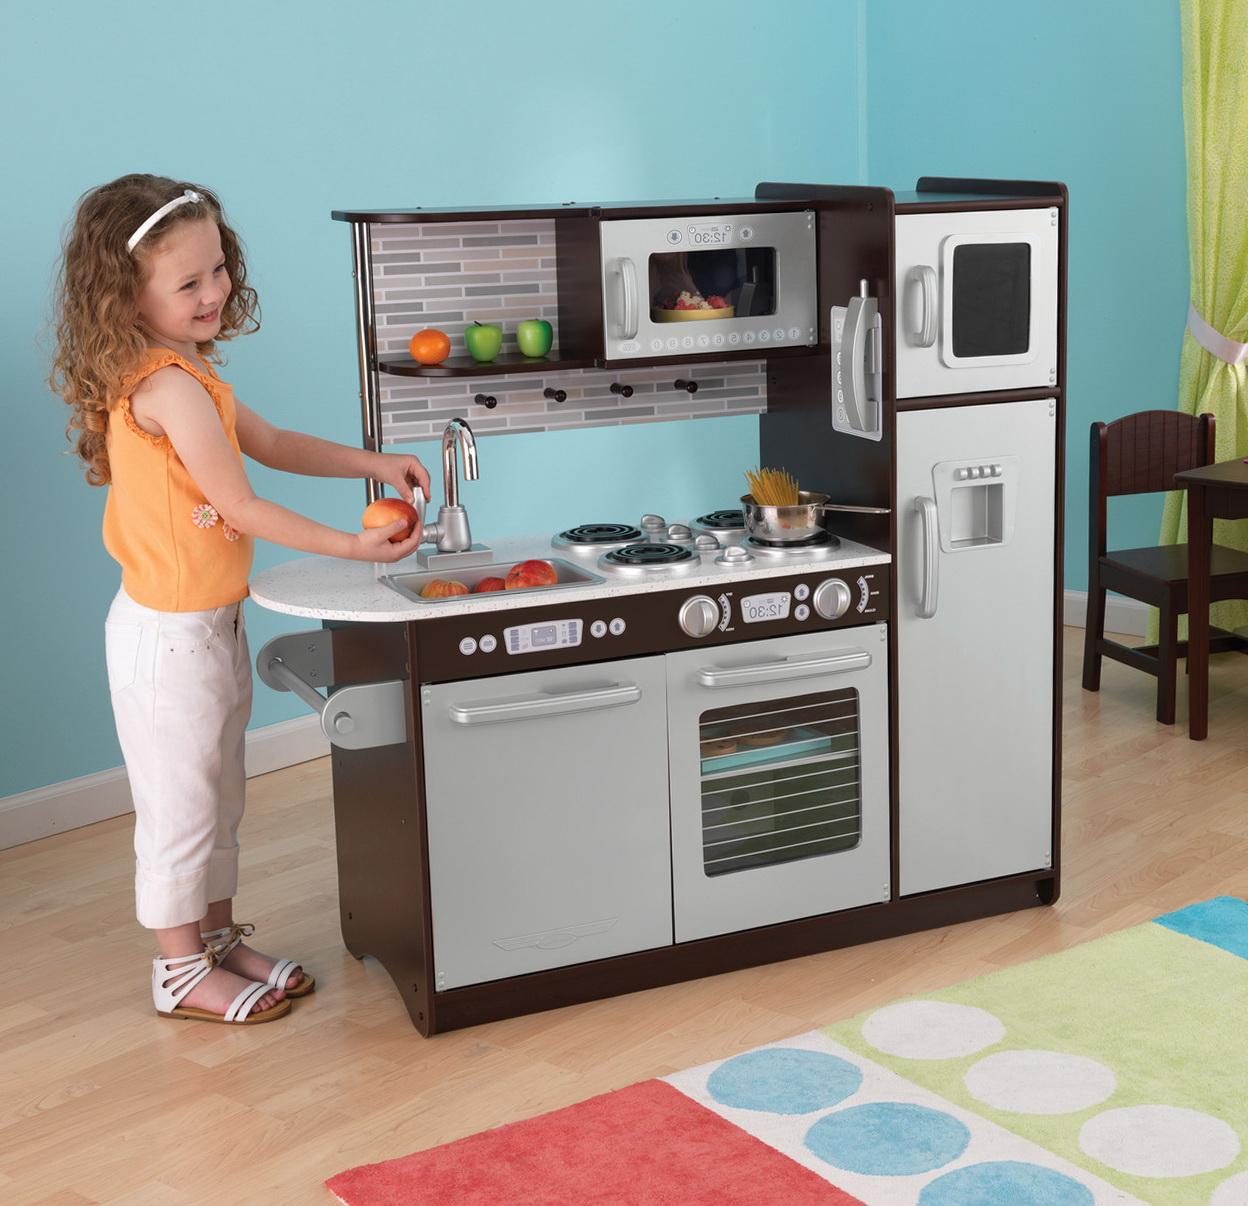 Kids Play Kitchen Accessories